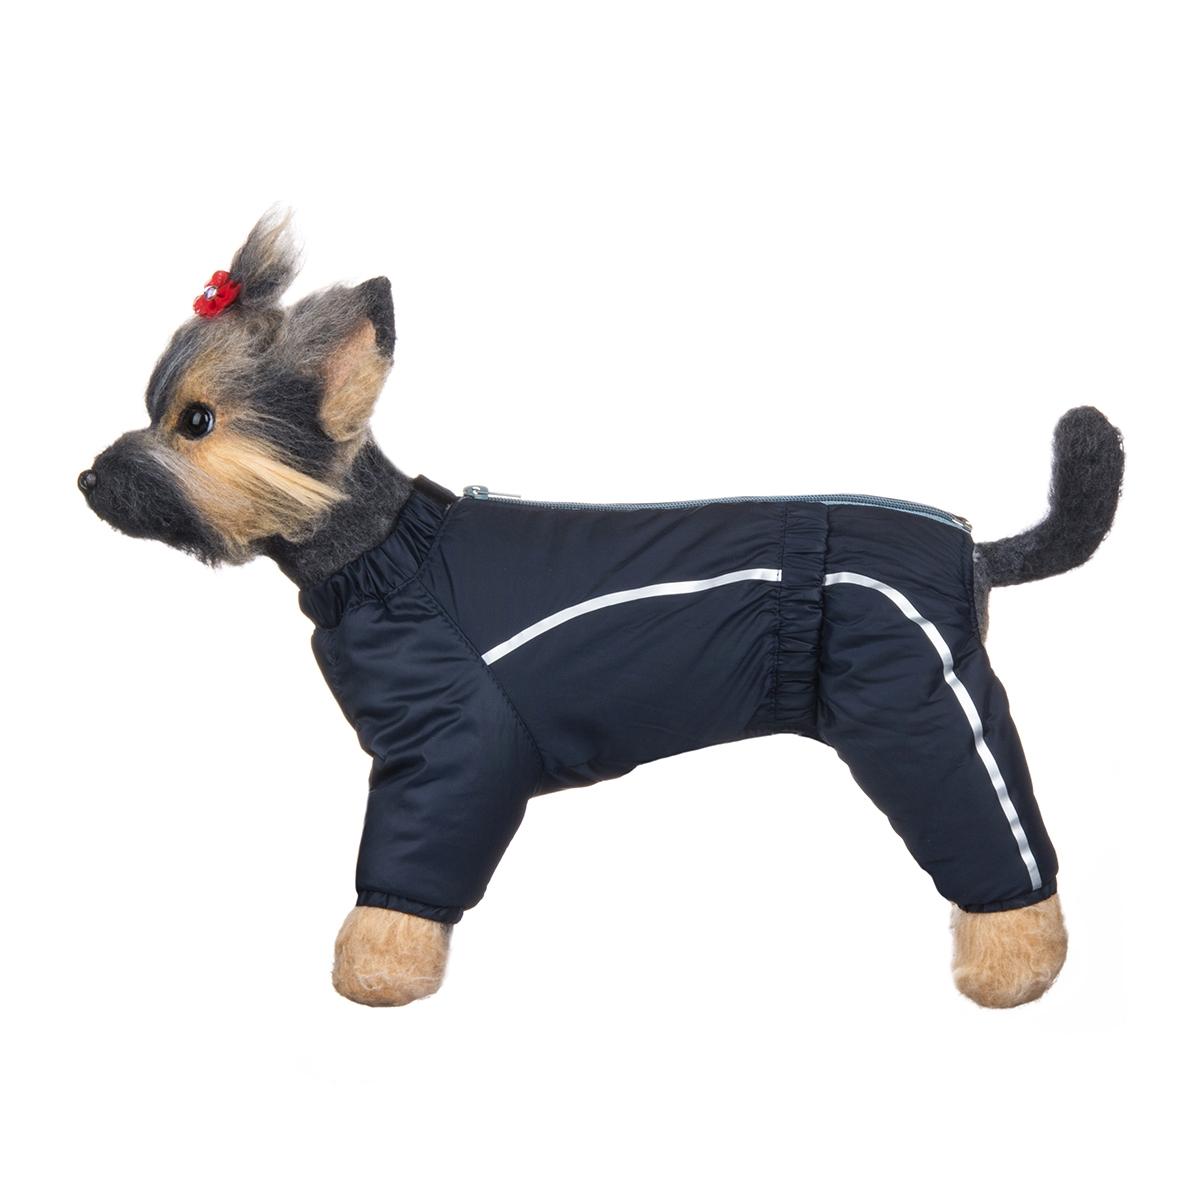 Комбинезон для собак Dogmoda Альпы, зимний, для мальчика, цвет: синий, светло-серый. Размер 1 (S)DM-150351-1Зимний комбинезон для собак Dogmoda Альпы отлично подойдет для прогулок в зимнее время года. Комбинезон изготовлен из полиэстера, защищающего от ветра и снега, с утеплителем из синтепона, который сохранит тепло даже в сильные морозы, а на подкладке используется искусственный мех, который обеспечивает отличный воздухообмен. Комбинезон застегивается на молнию и липучку, благодаря чему его легко надевать и снимать. Ворот, низ рукавов и брючин оснащены внутренними резинками, которые мягко обхватывают шею и лапки, не позволяя просачиваться холодному воздуху. На пояснице имеется внутренняя резинка. Изделие декорировано серебристыми полосками и надписью DM.Благодаря такому комбинезону простуда не грозит вашему питомцу и он сможет испытать не сравнимое удовольствие от снежных игр и забав.Одежда для собак: нужна ли она и как её выбрать. Статья OZON Гид